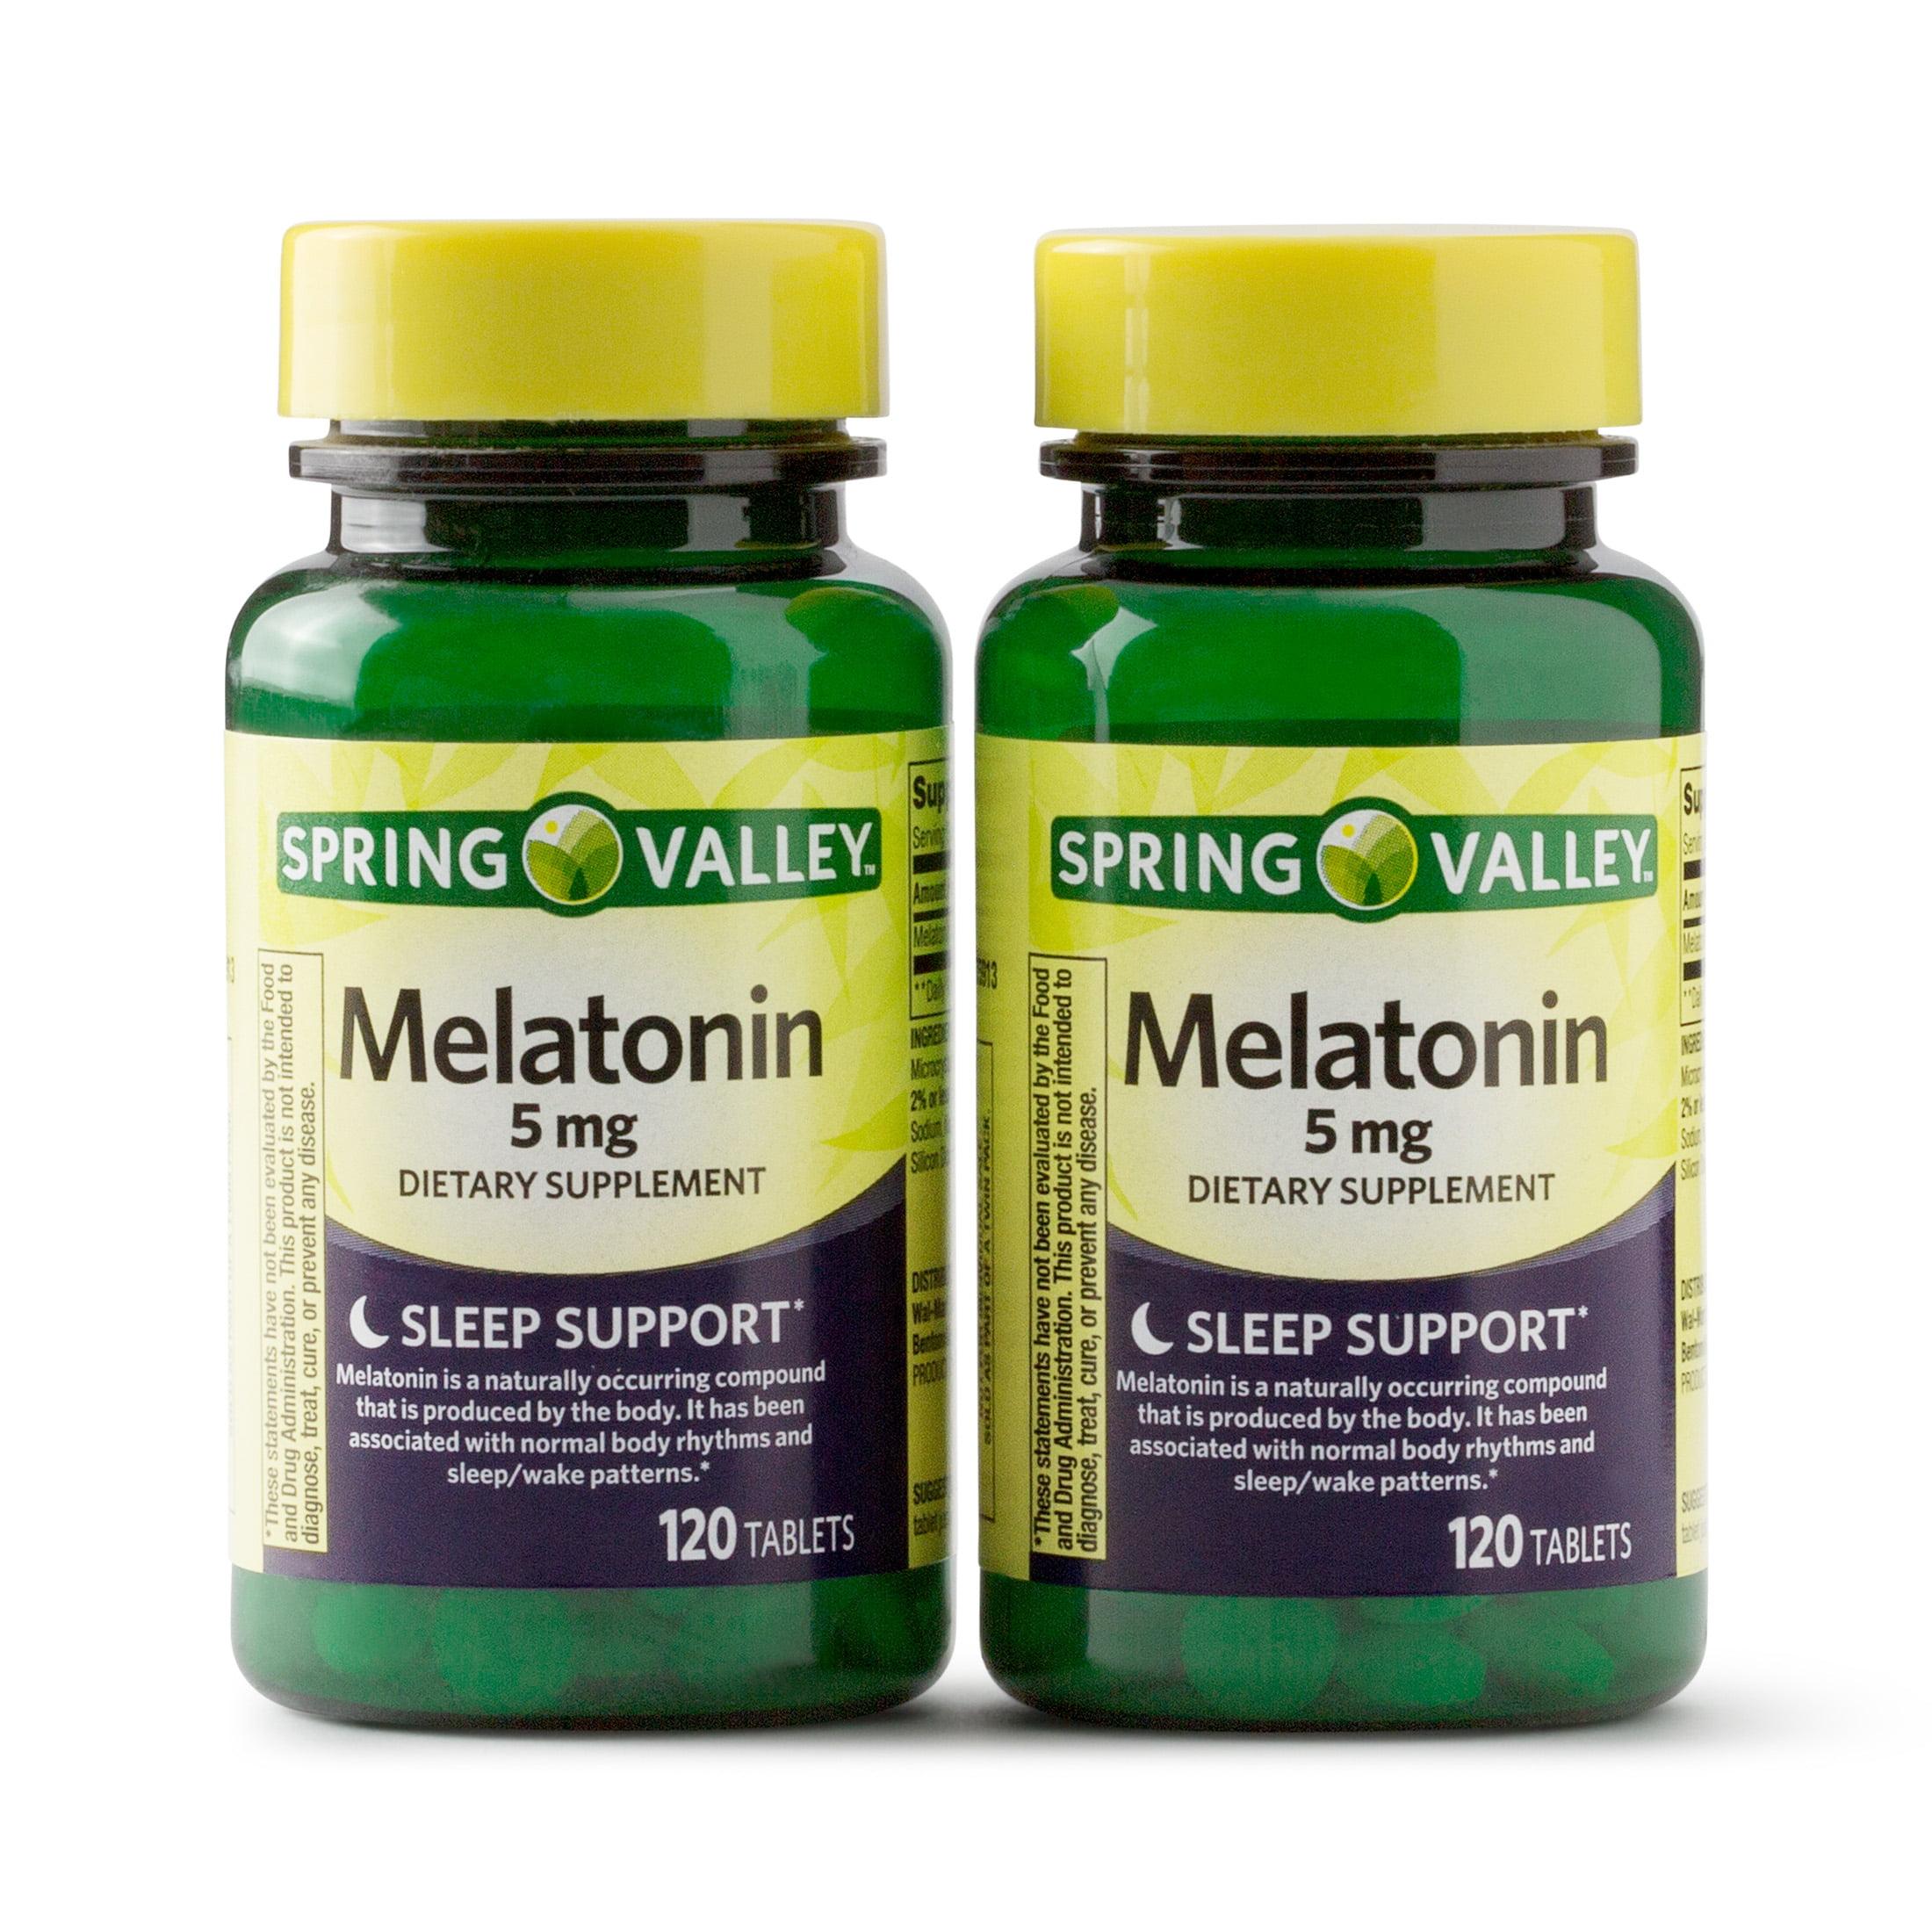 Spring Valley Melatonin Tablets, 5 mg, 120 Ct, 2 Pk